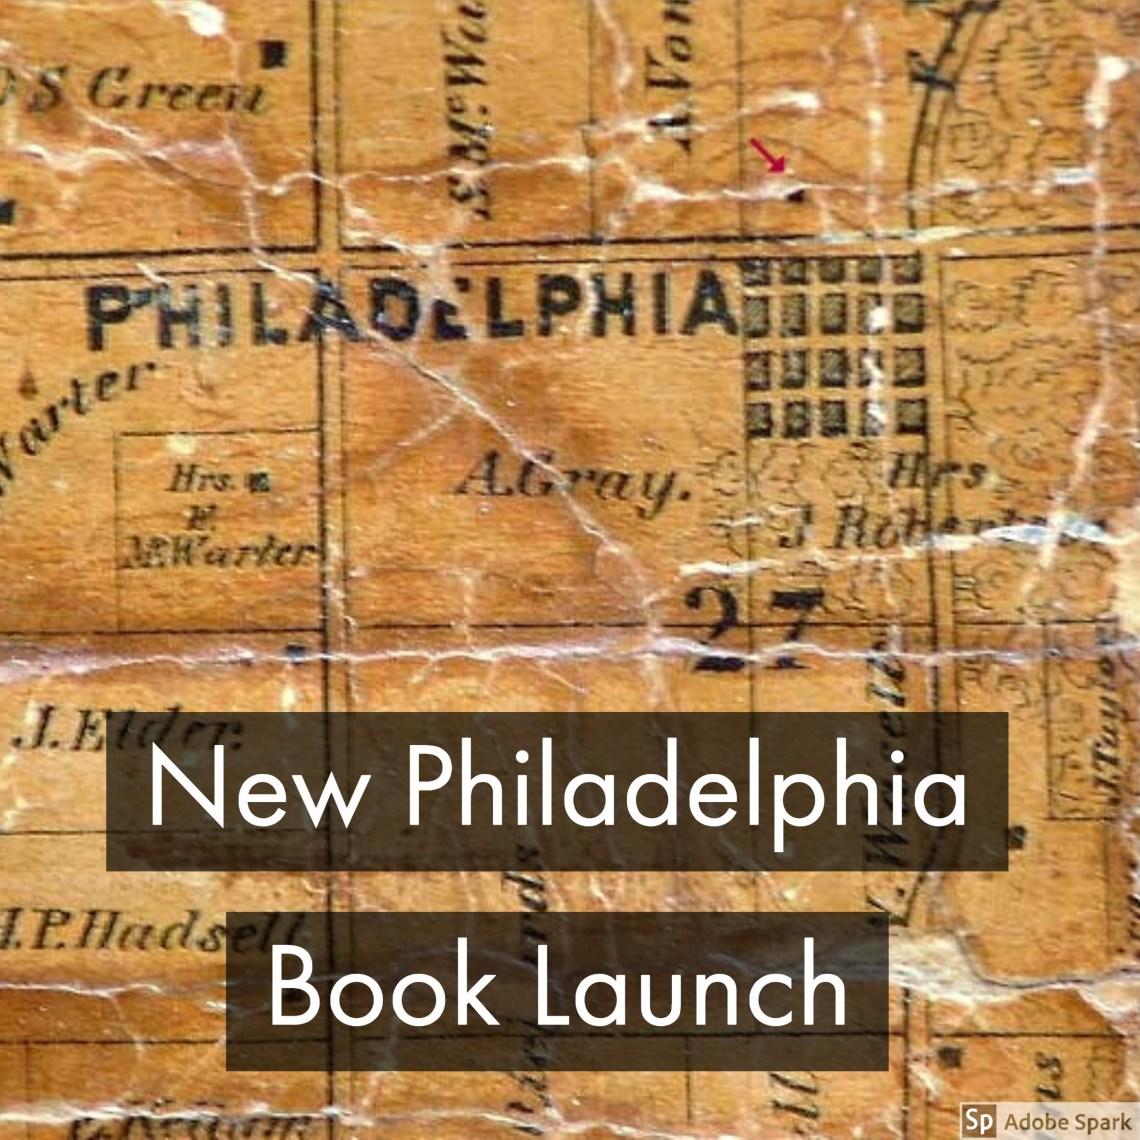 New Philadelphia Book Launch